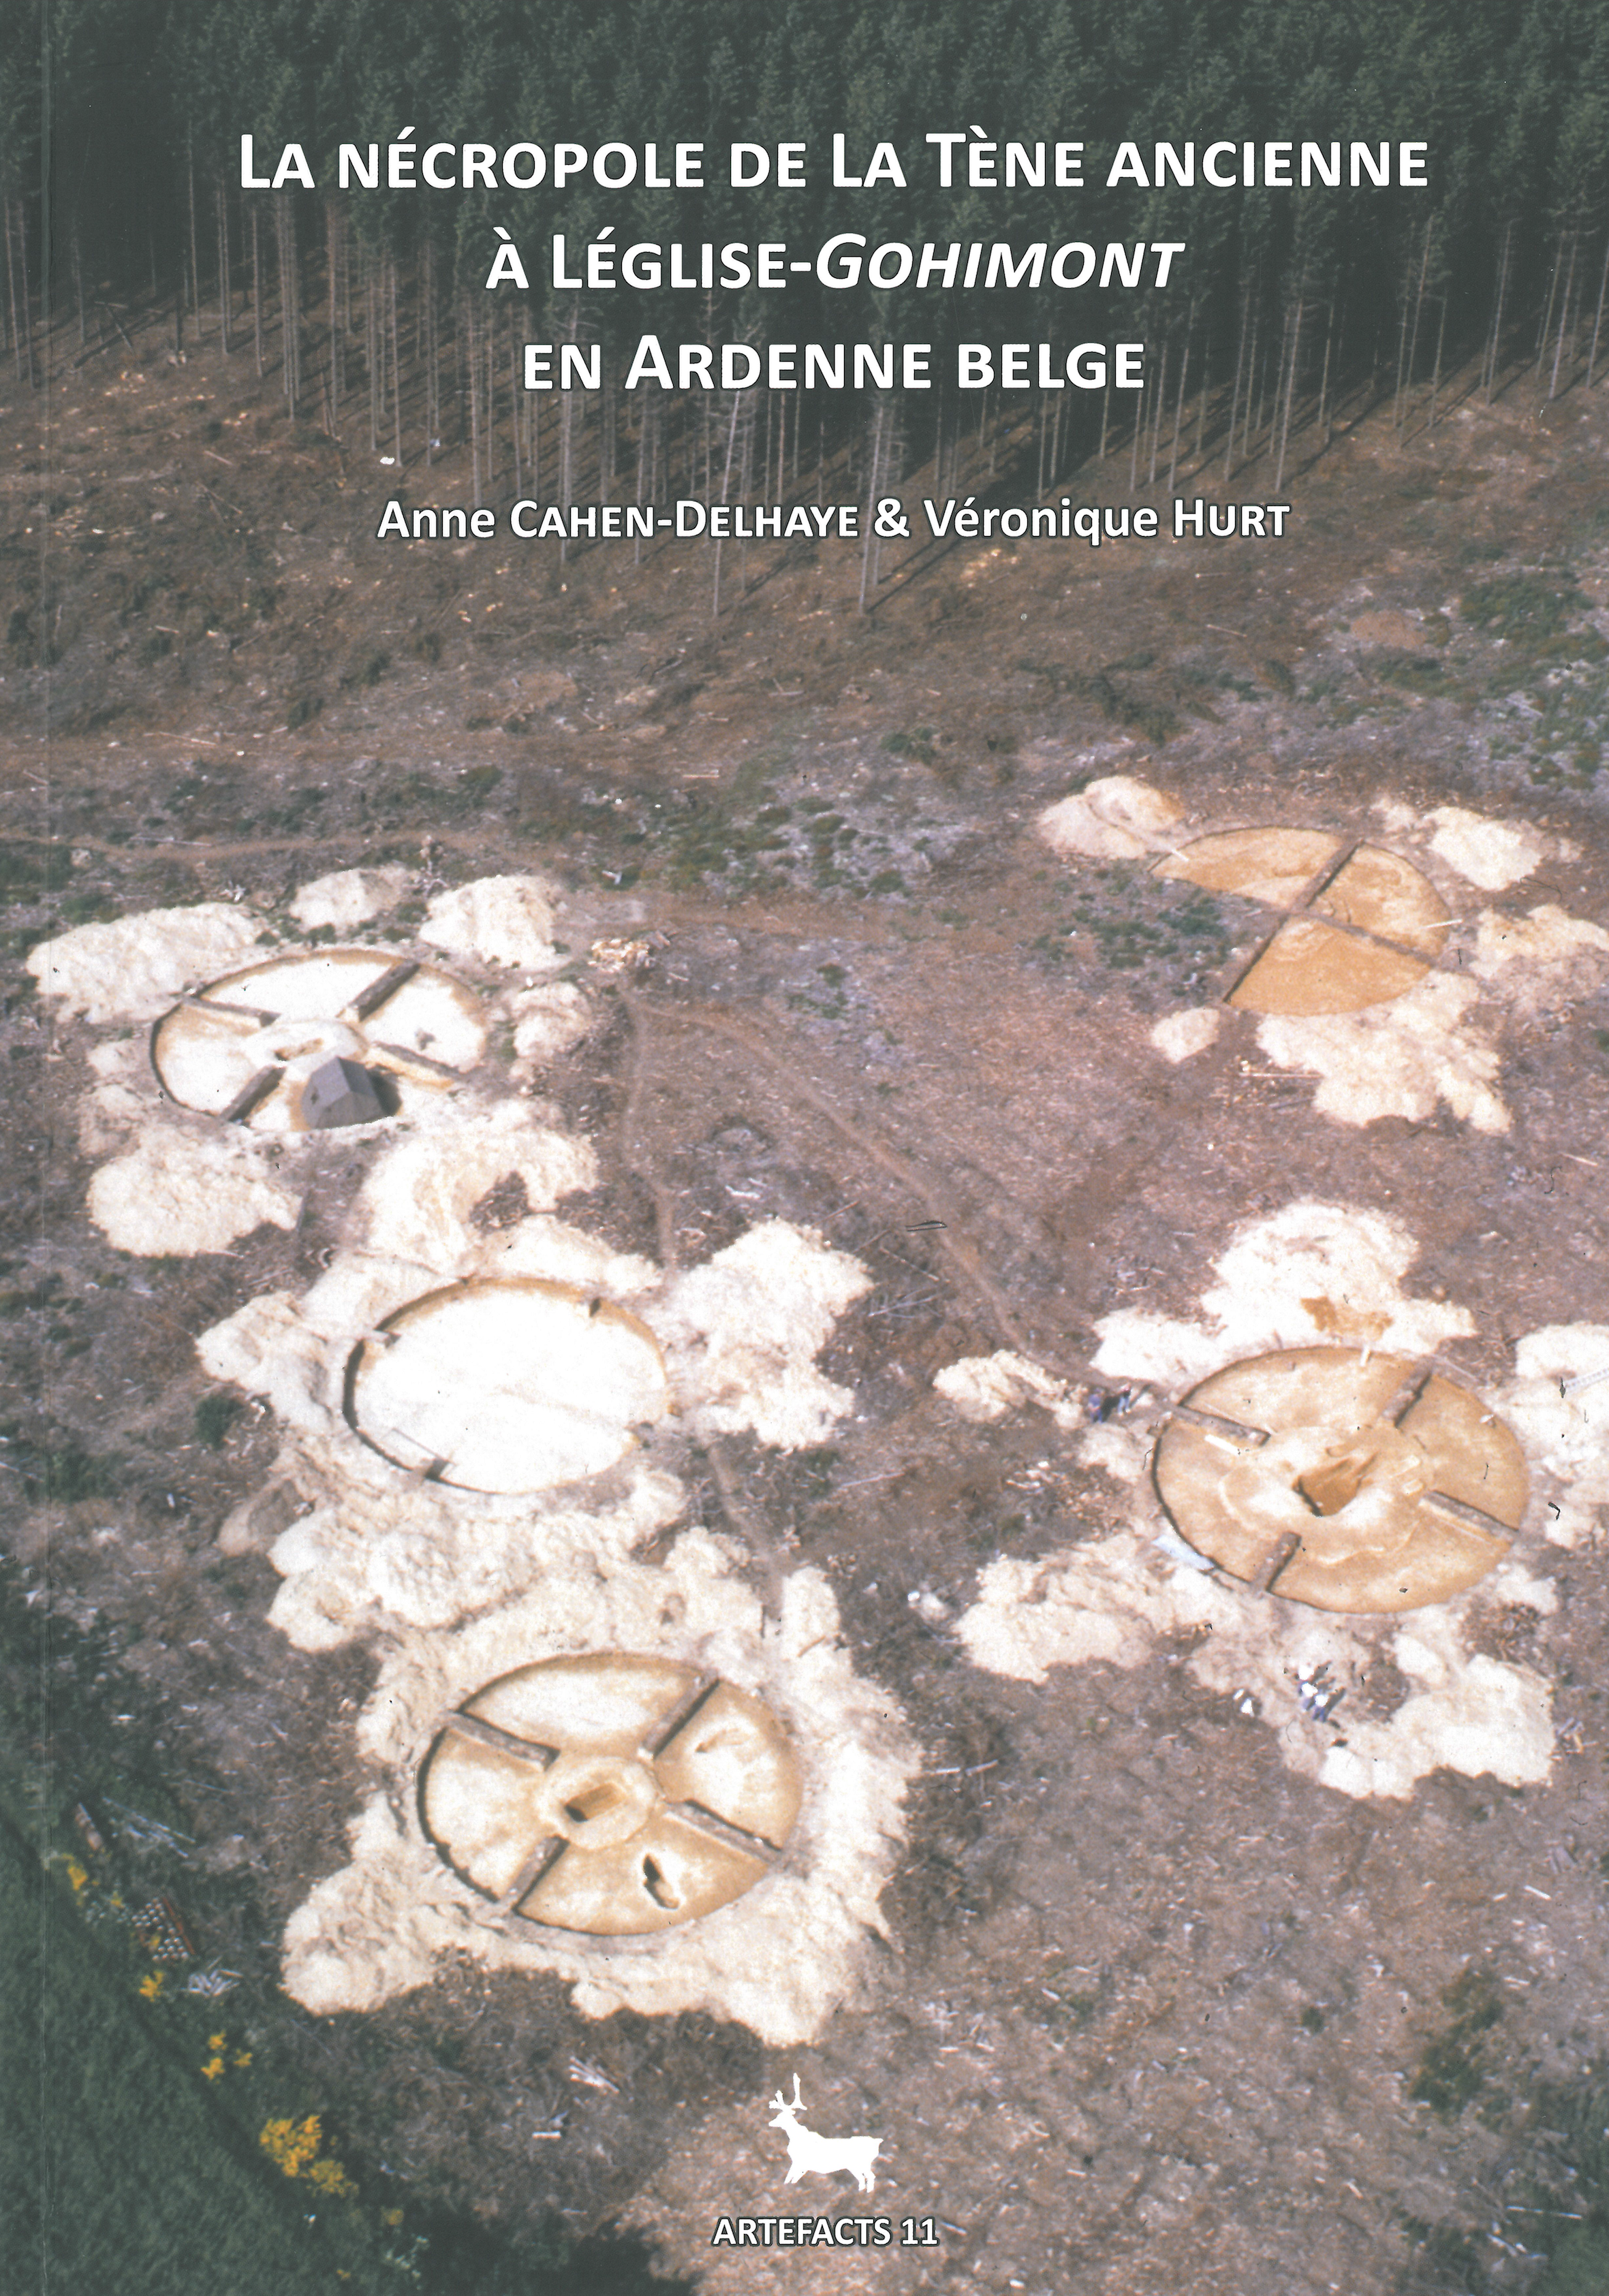 La nécropole de La Tène ancienne à Léglise-Gohimont en Ardenne belge